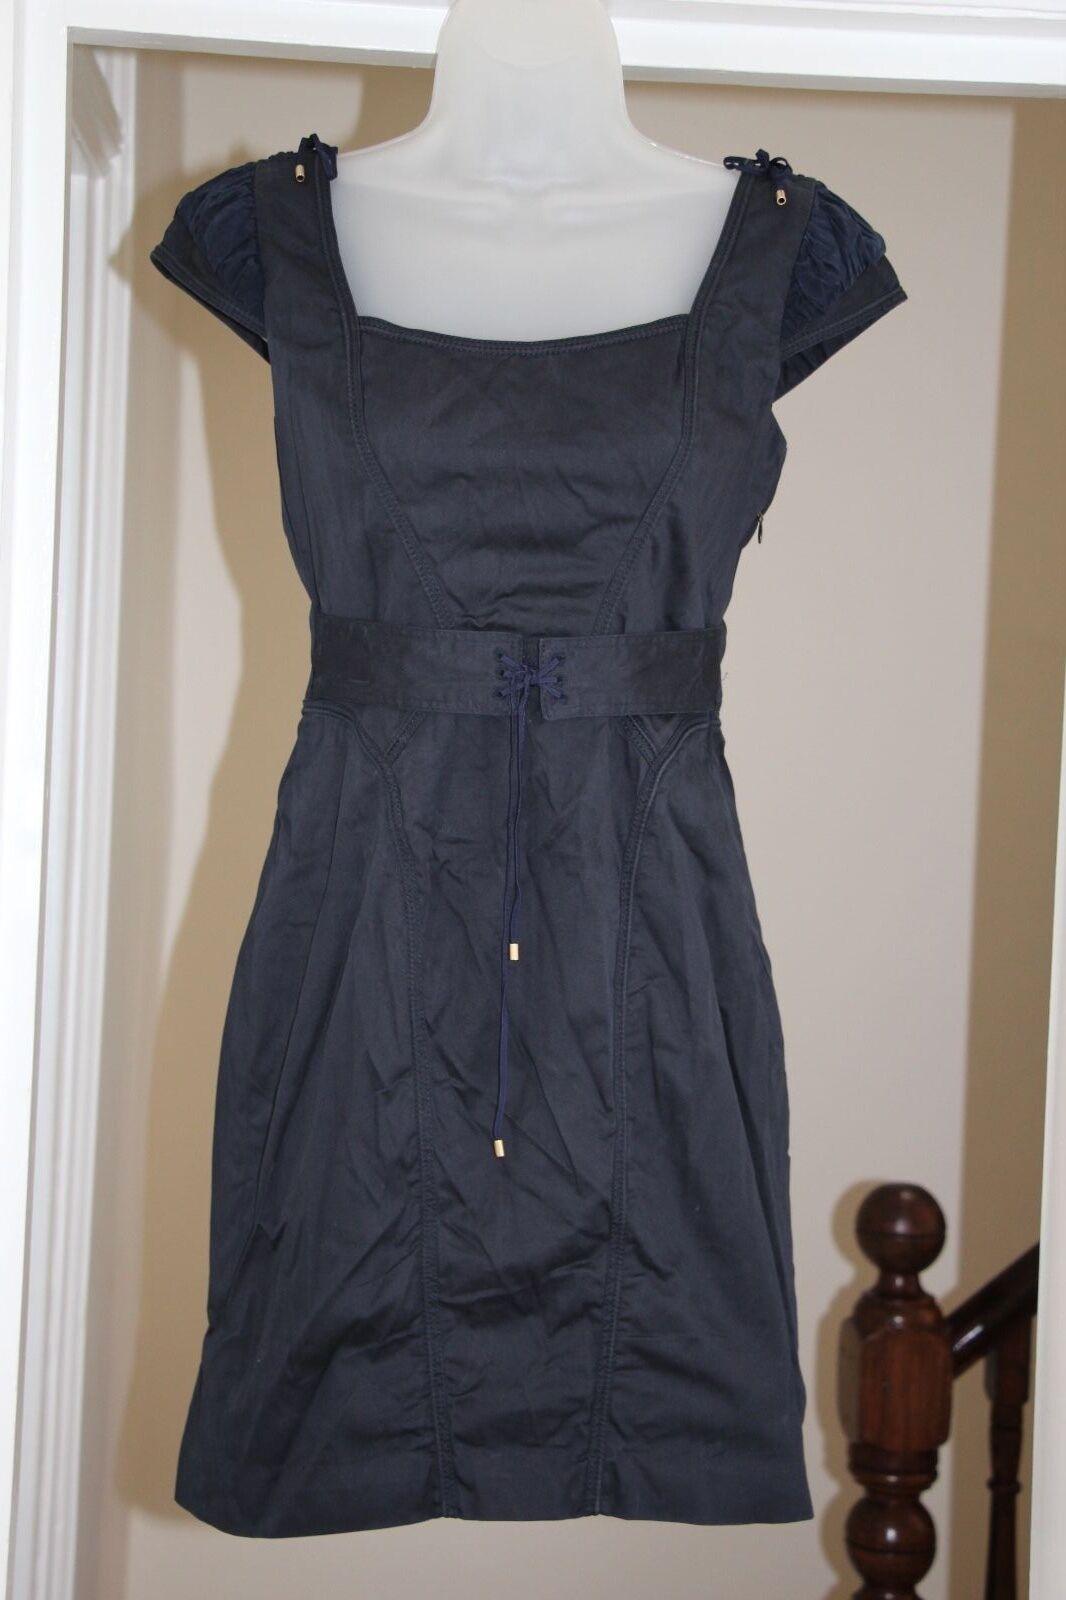 Zac Posen Dress 10 Cotone Maniche ad Aletta Blu Scuro Aderente Bodycon Matita abito Piccolo S